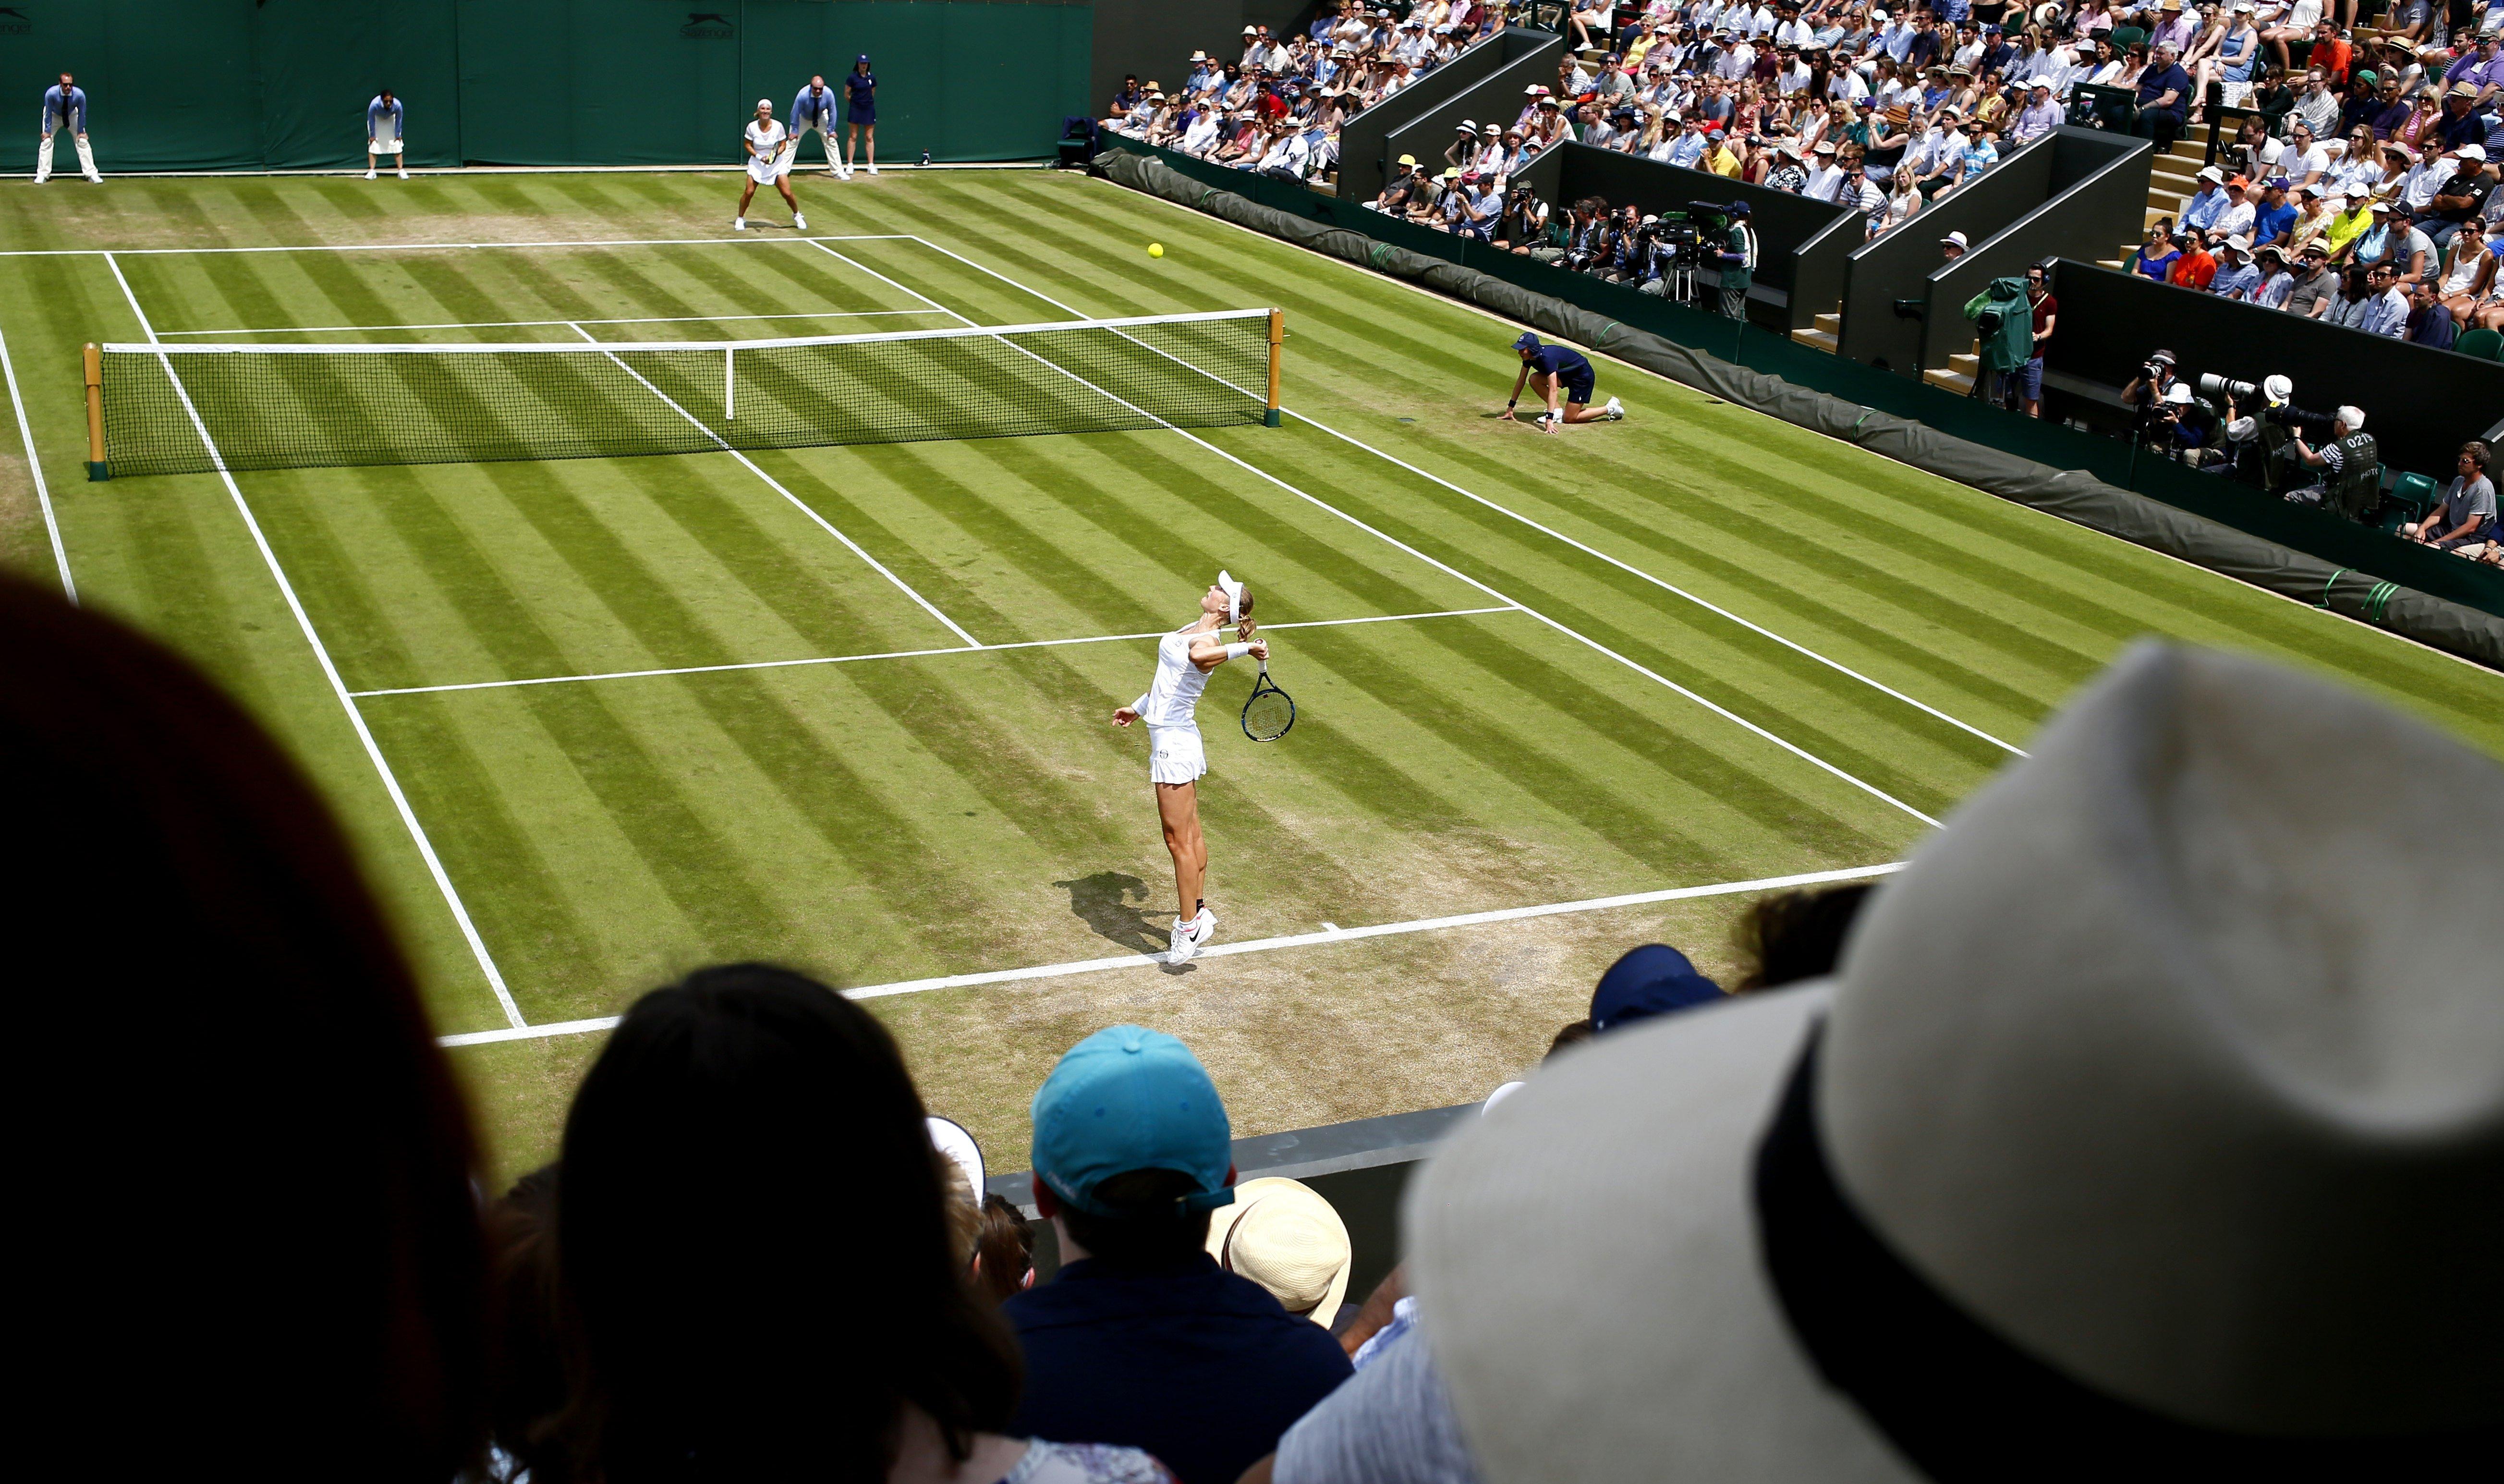 La tenista russa Ekaterina Makarova fa un servei davant Svetlana Kuznetsova durant la segona ronda del torneig de Wimbledon disputat a Londres (Regne Unit). /NIC BOTHMA